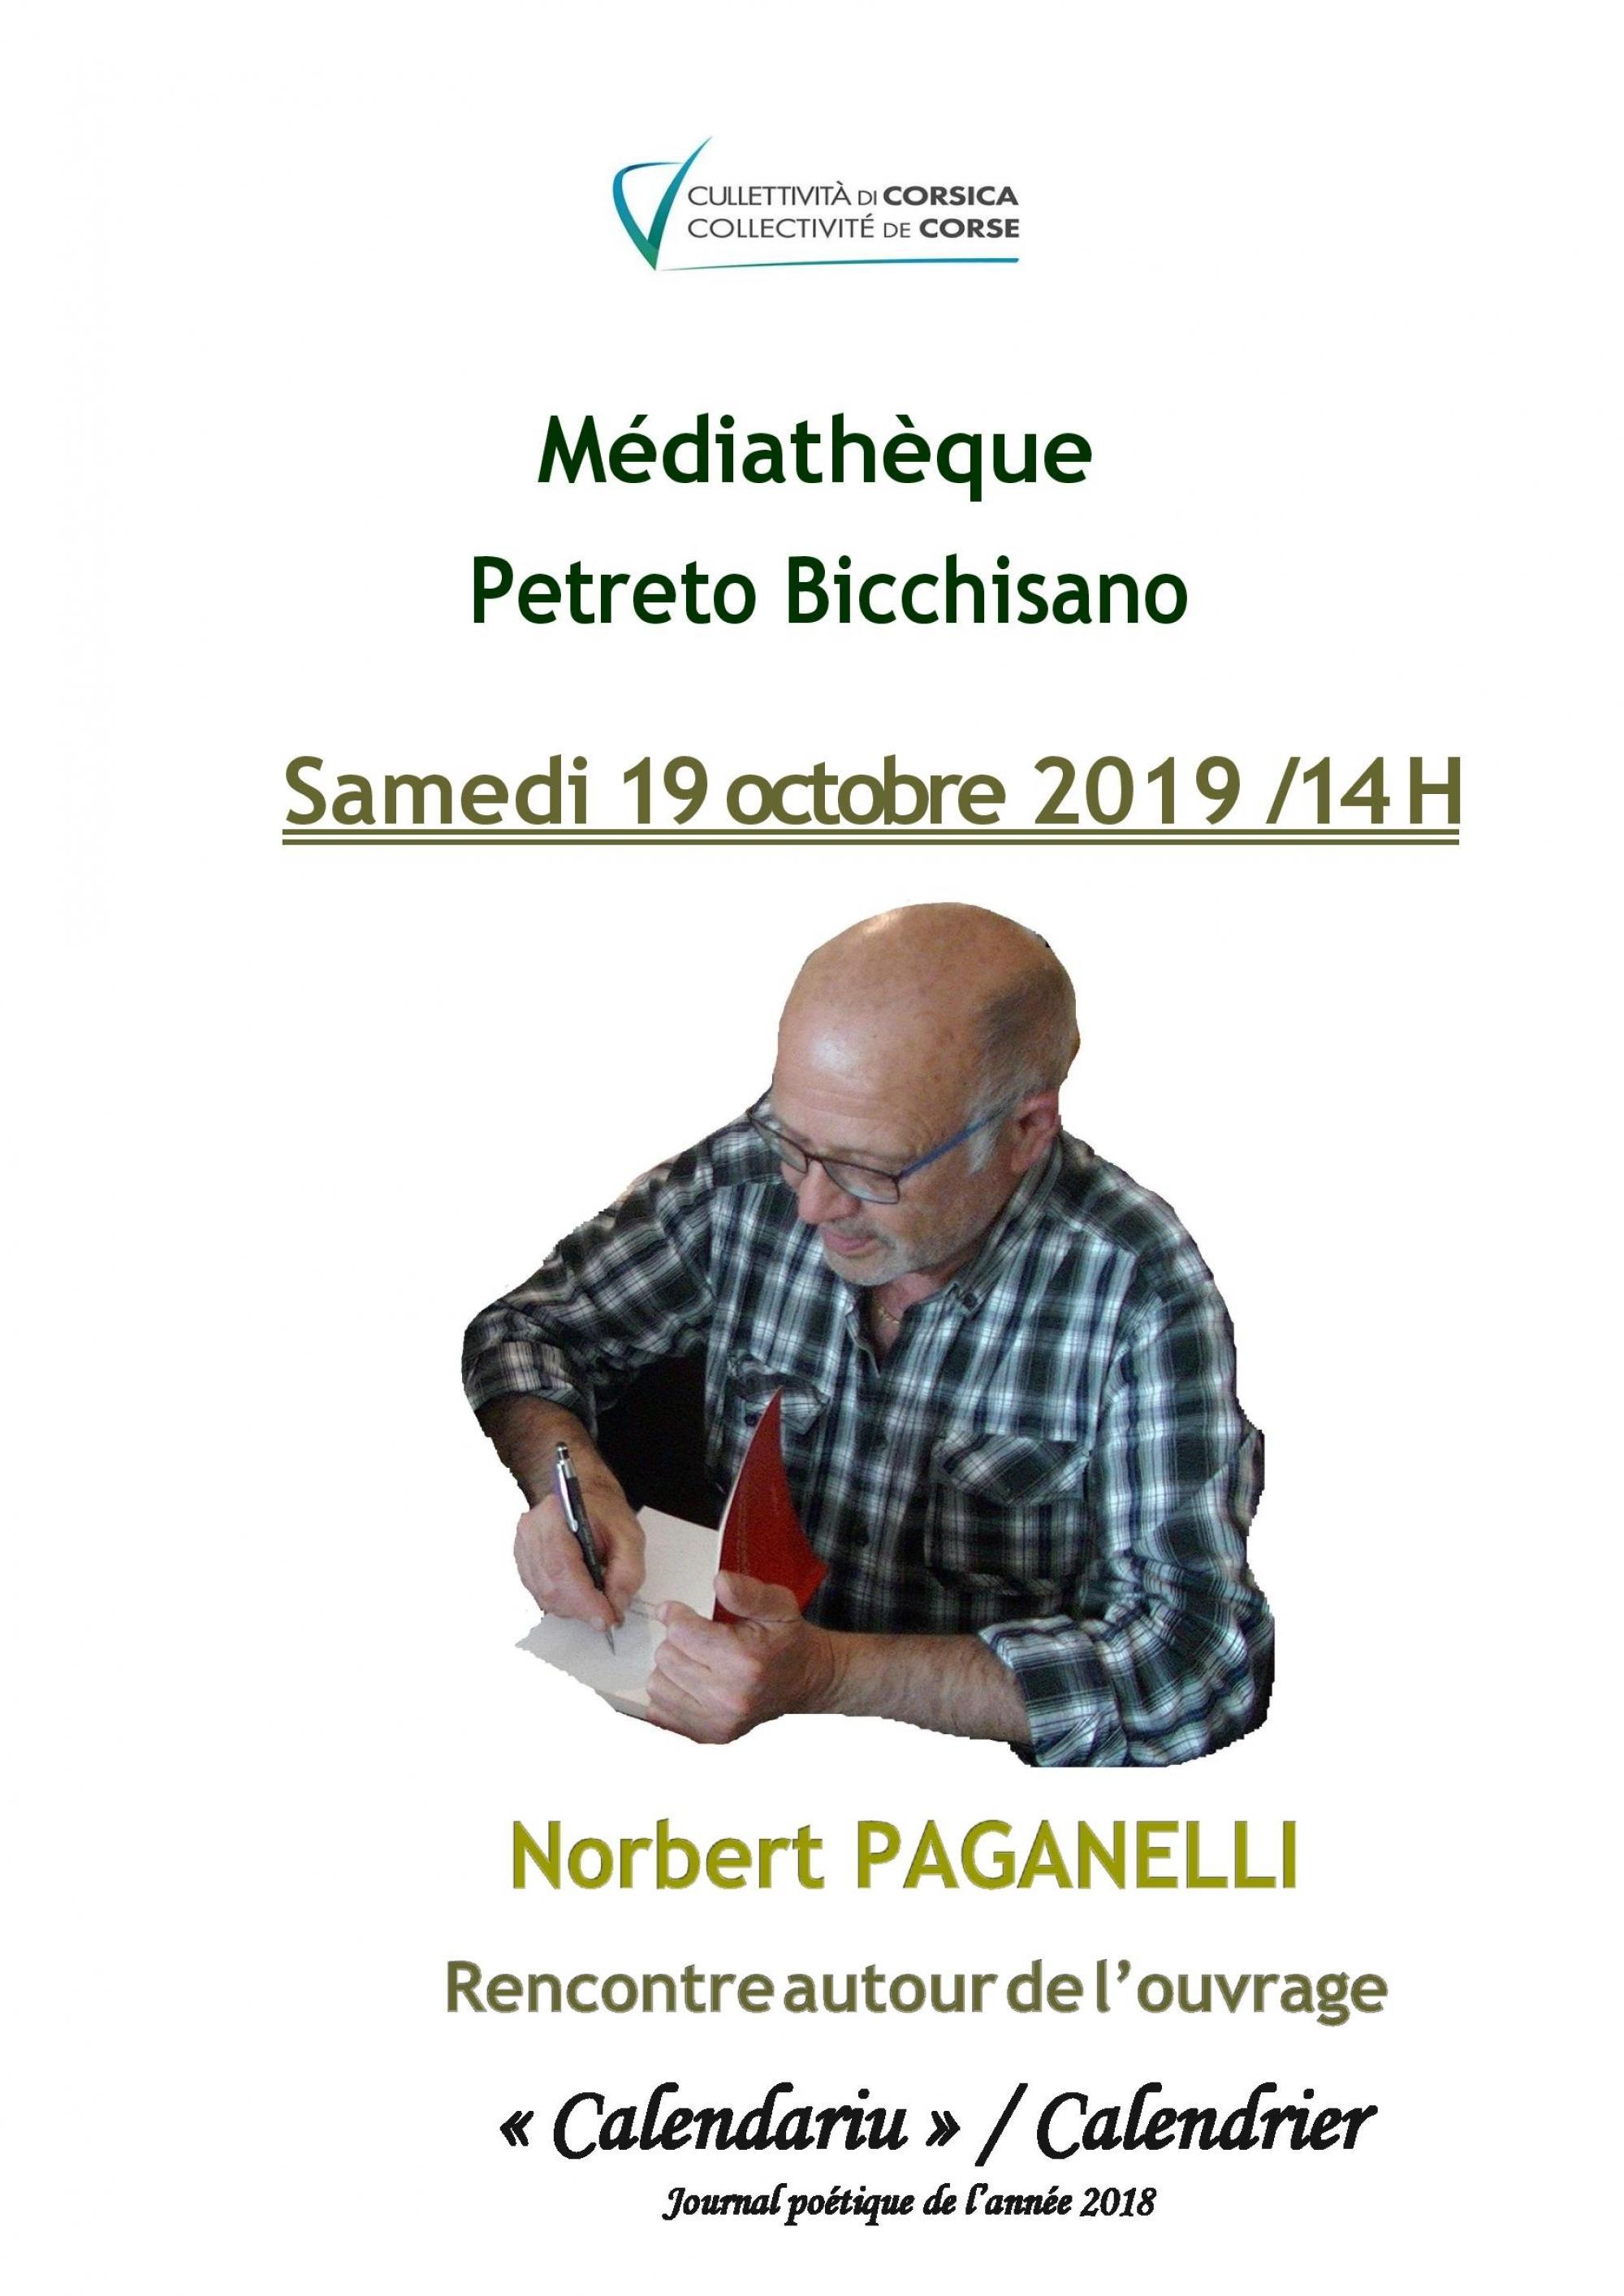 """Rencontre et dédicace avec Norbert Paganelli """"Calendariu/Calendrier - journal poétique de l'année 2018"""" - Médiathèque - Petreto-Bicchisano"""